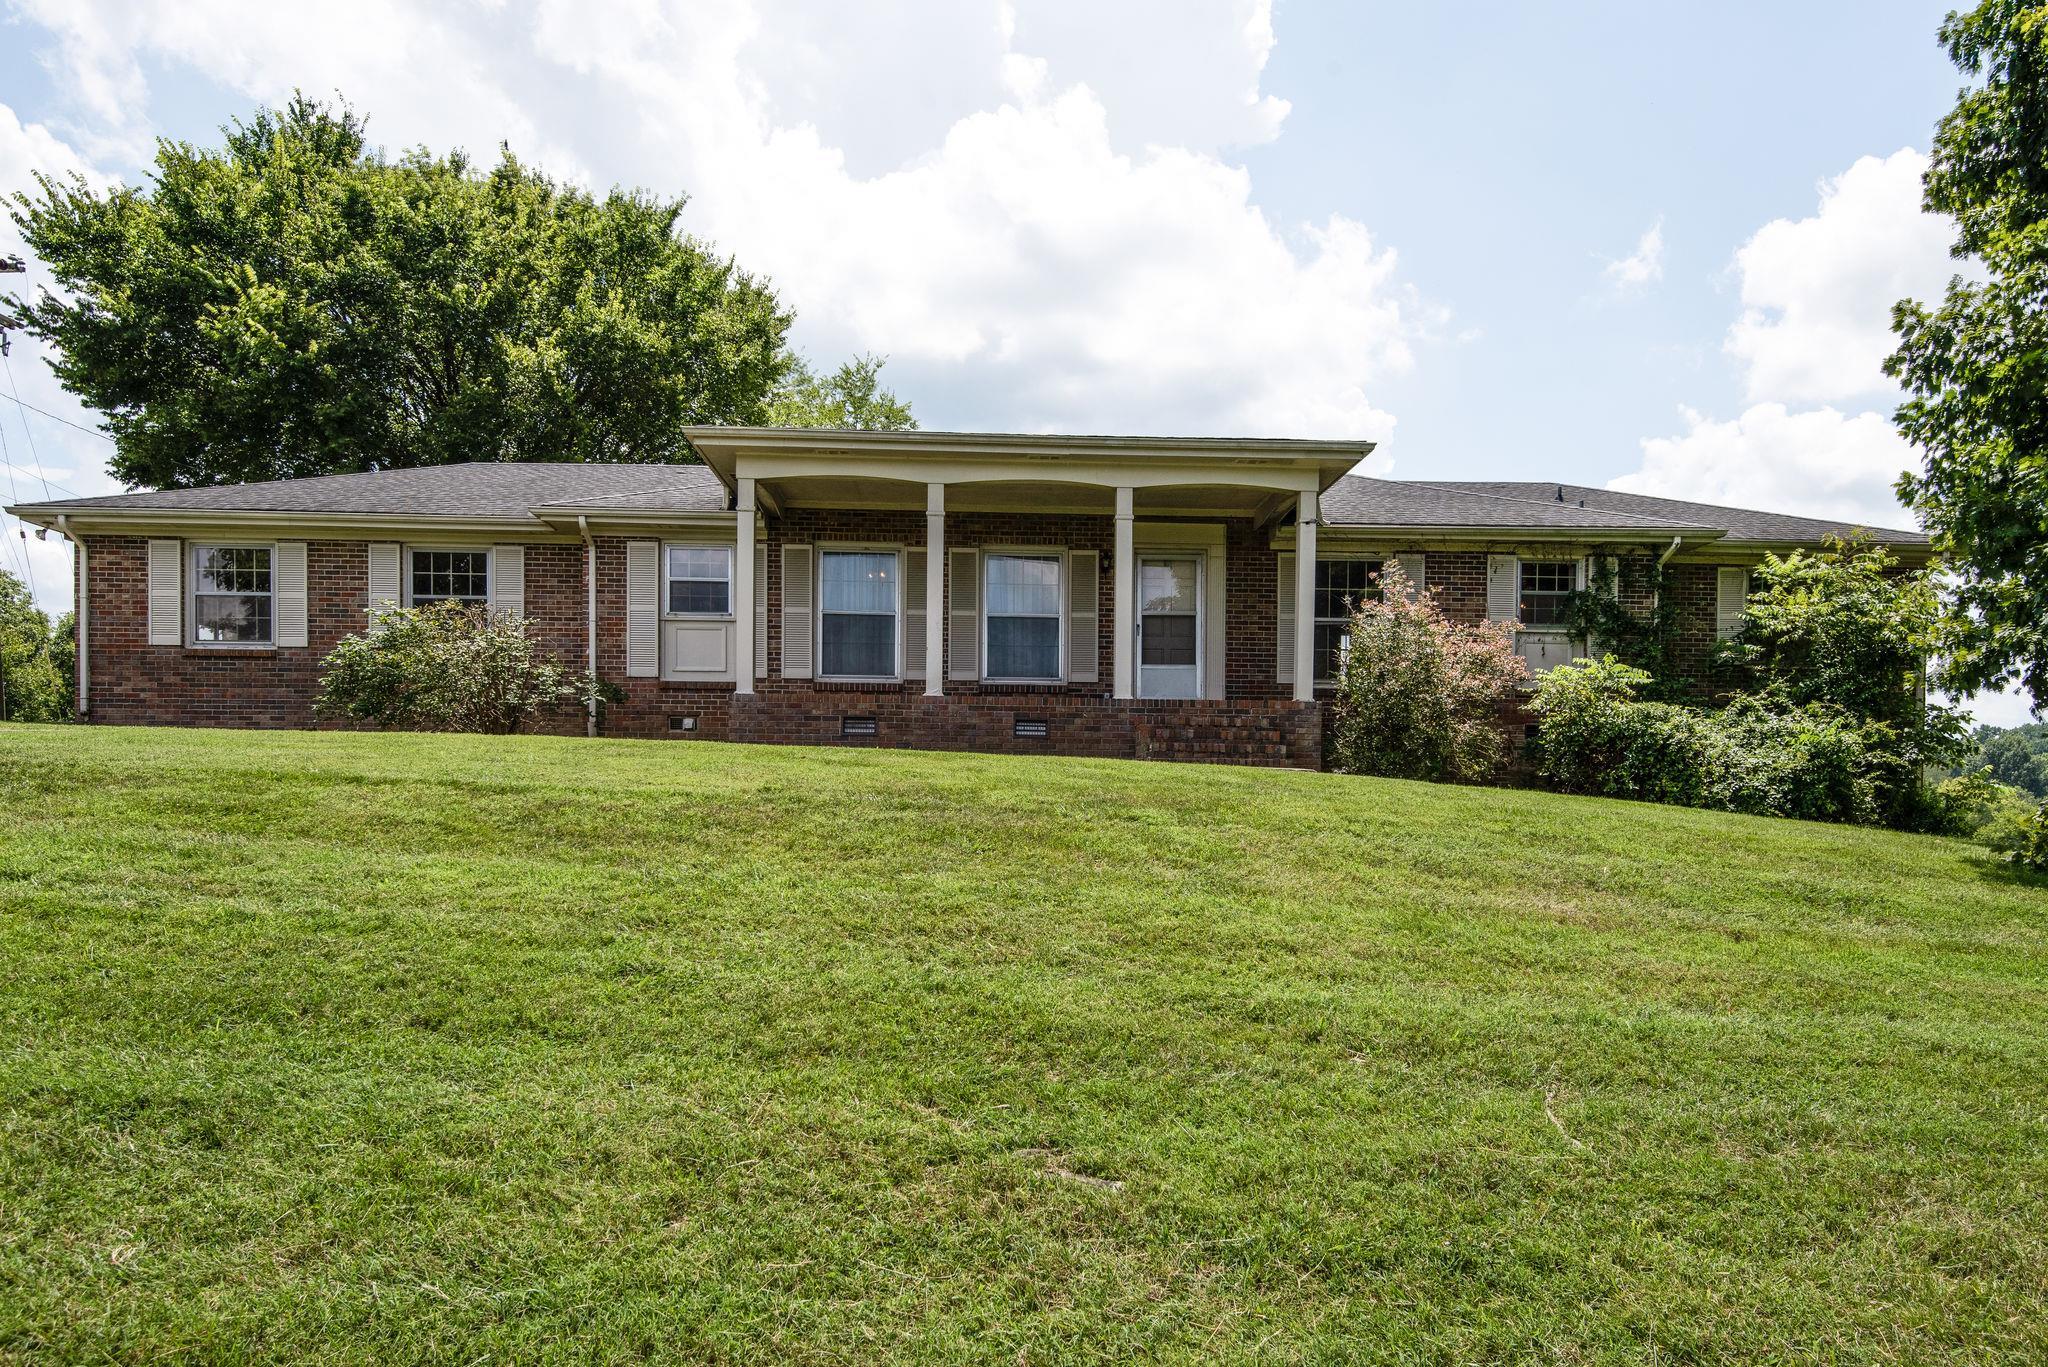 6689 Burkitt Rd, one of homes for sale in Nashville-Antioch